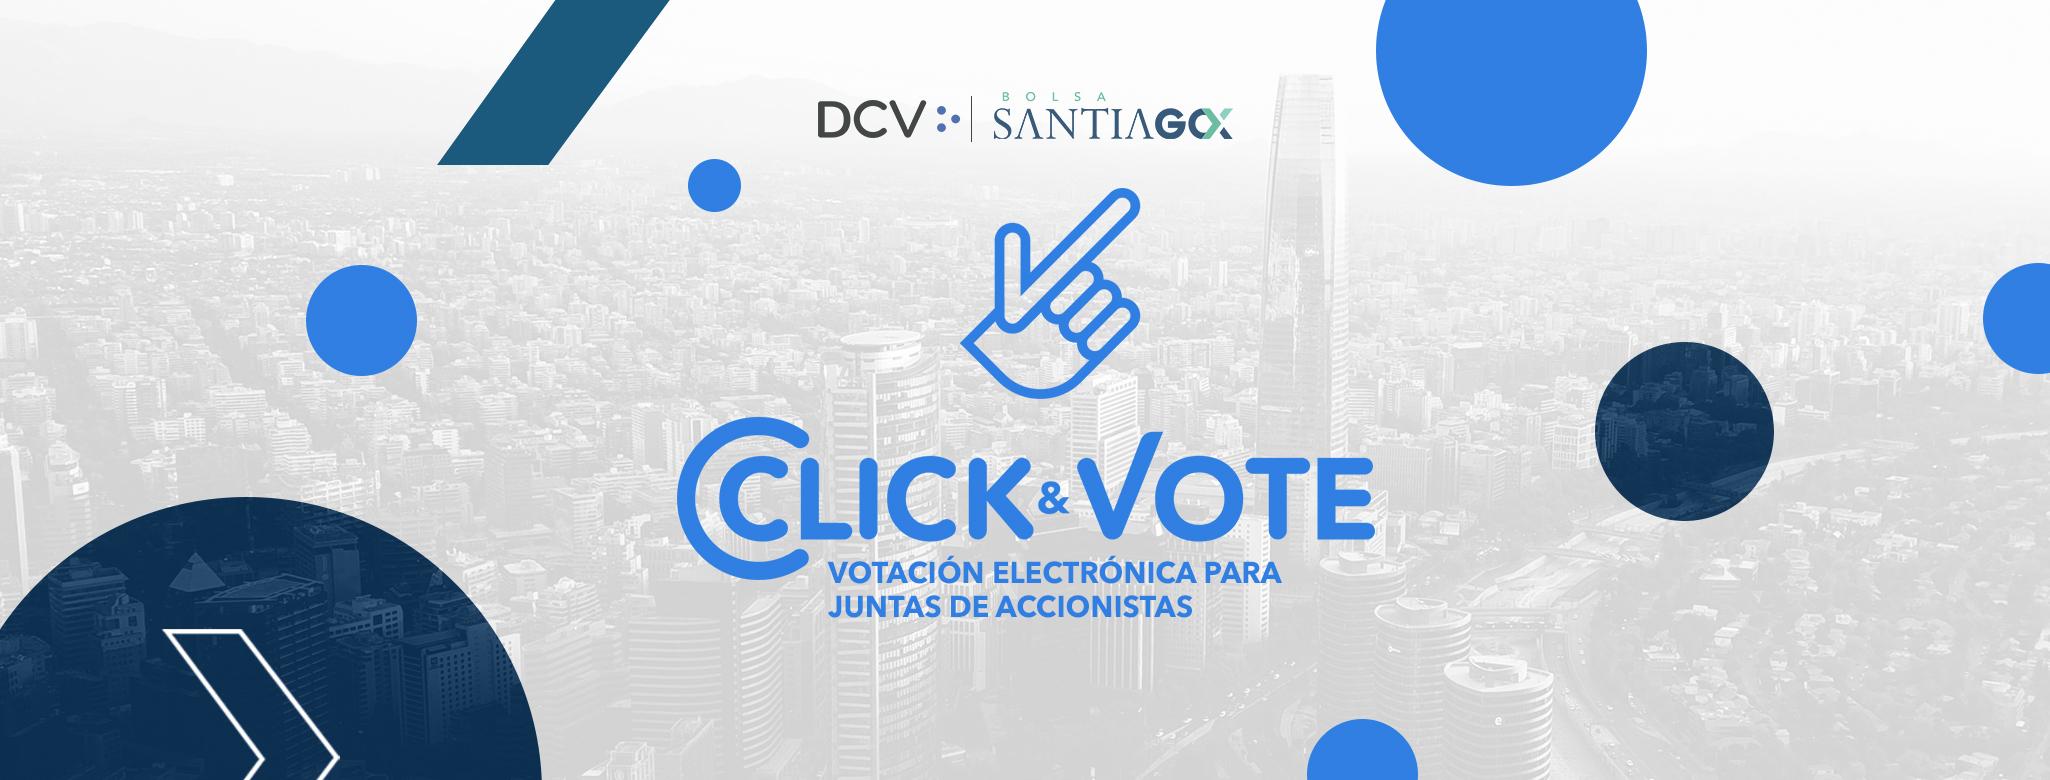 Click&Vote - BS